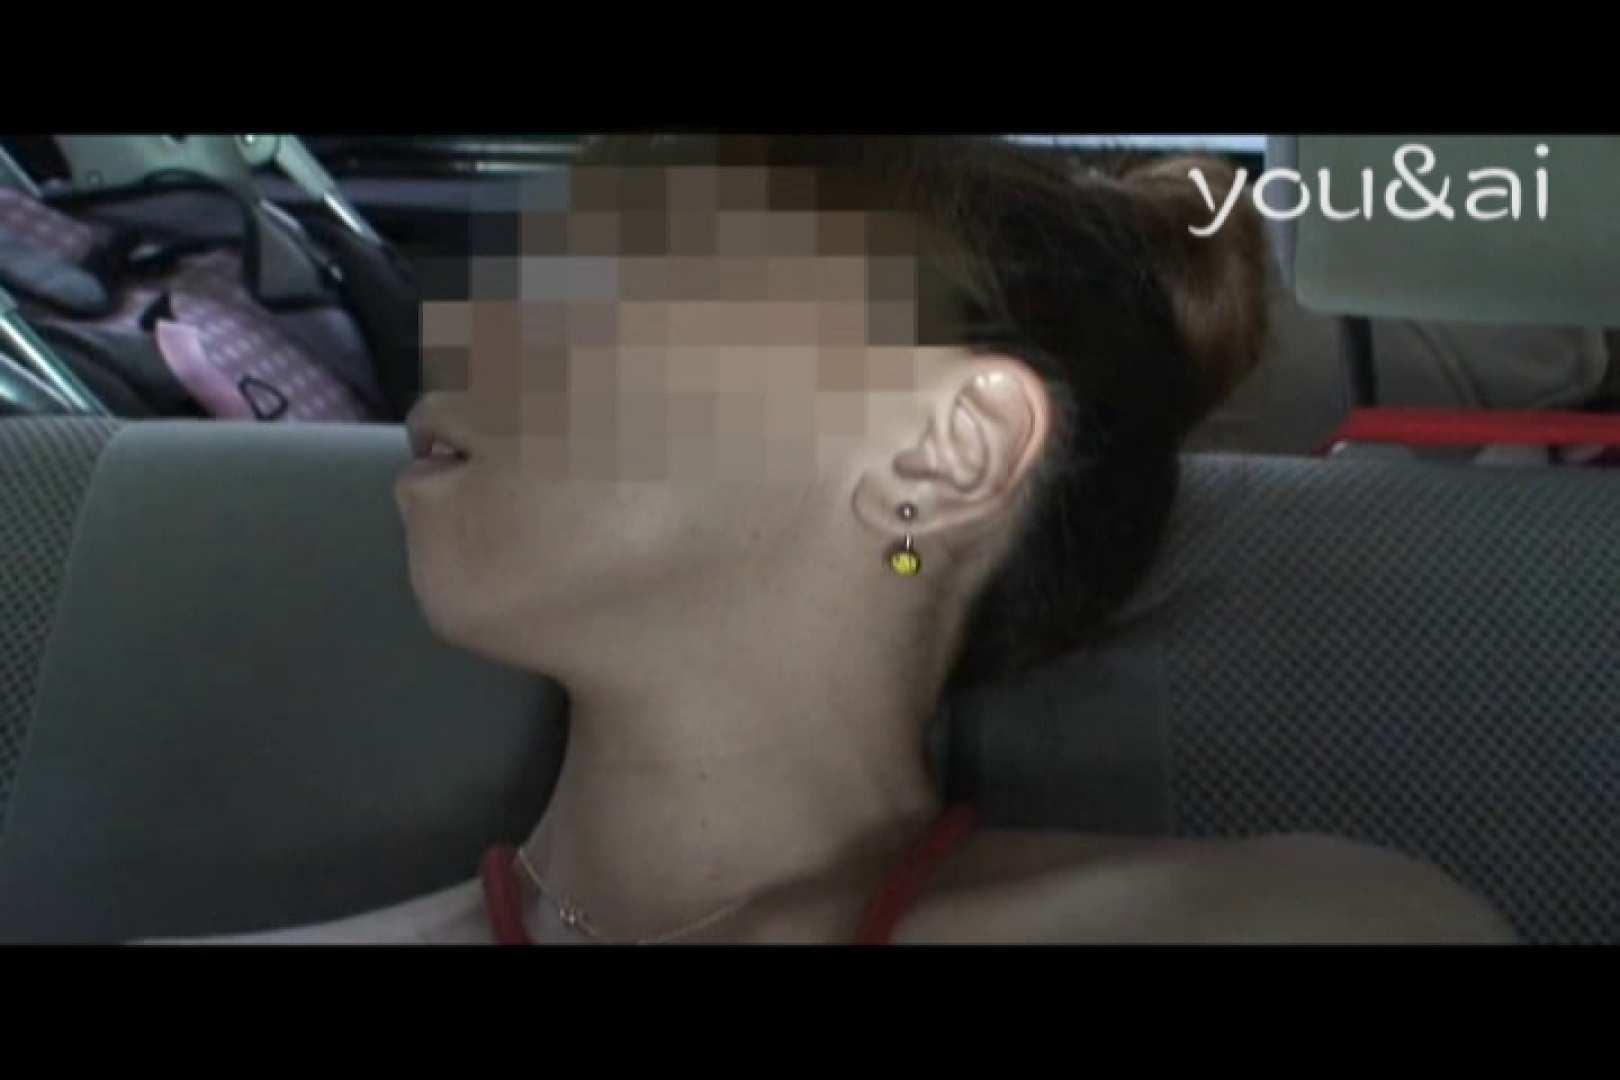 おしどり夫婦のyou&aiさん投稿作品vol.4 緊縛 ワレメ無修正動画無料 53連発 20